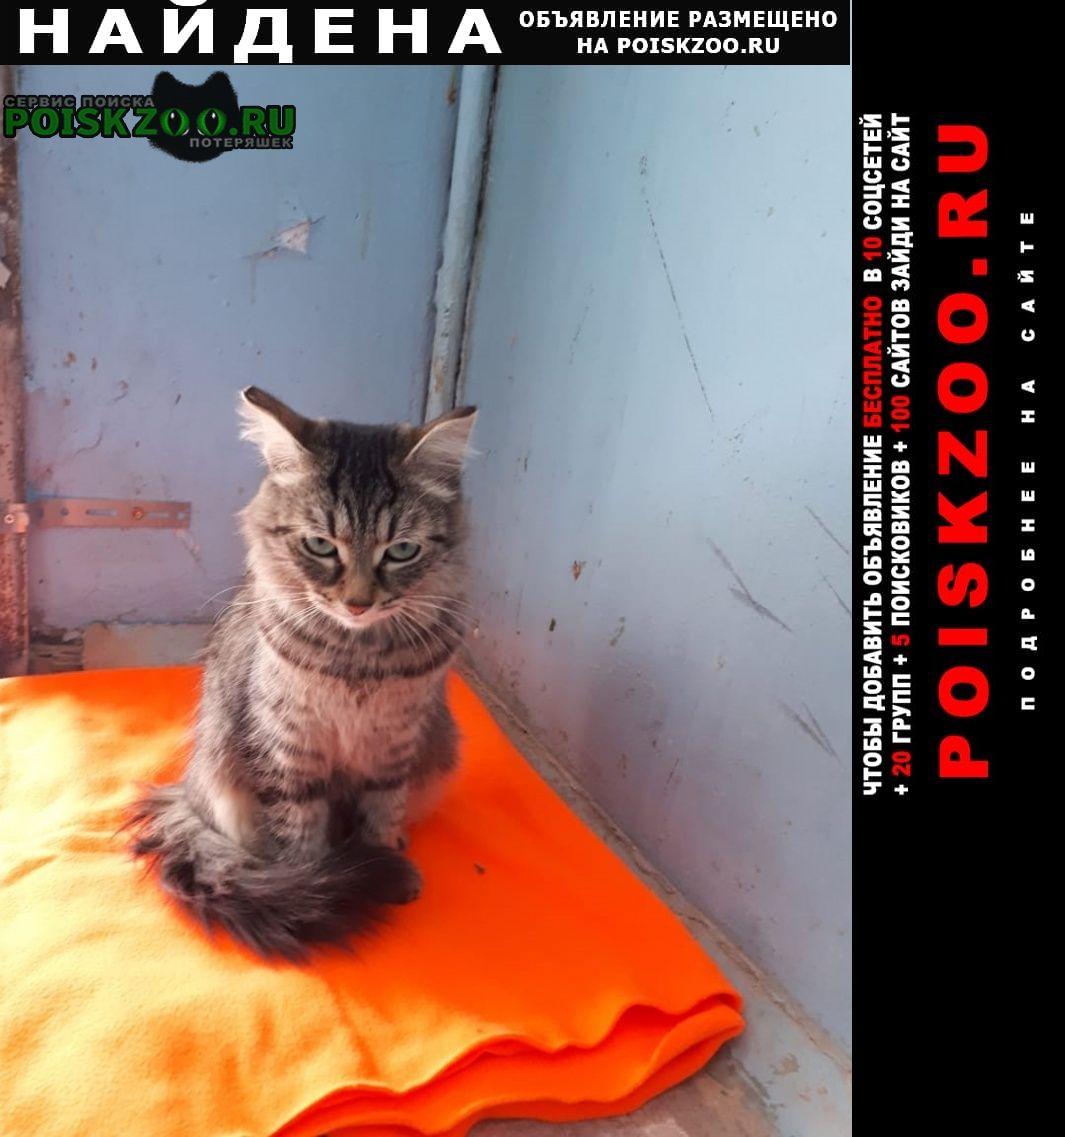 Найдена кошка кошечка район южного автовокзала Екатеринбург